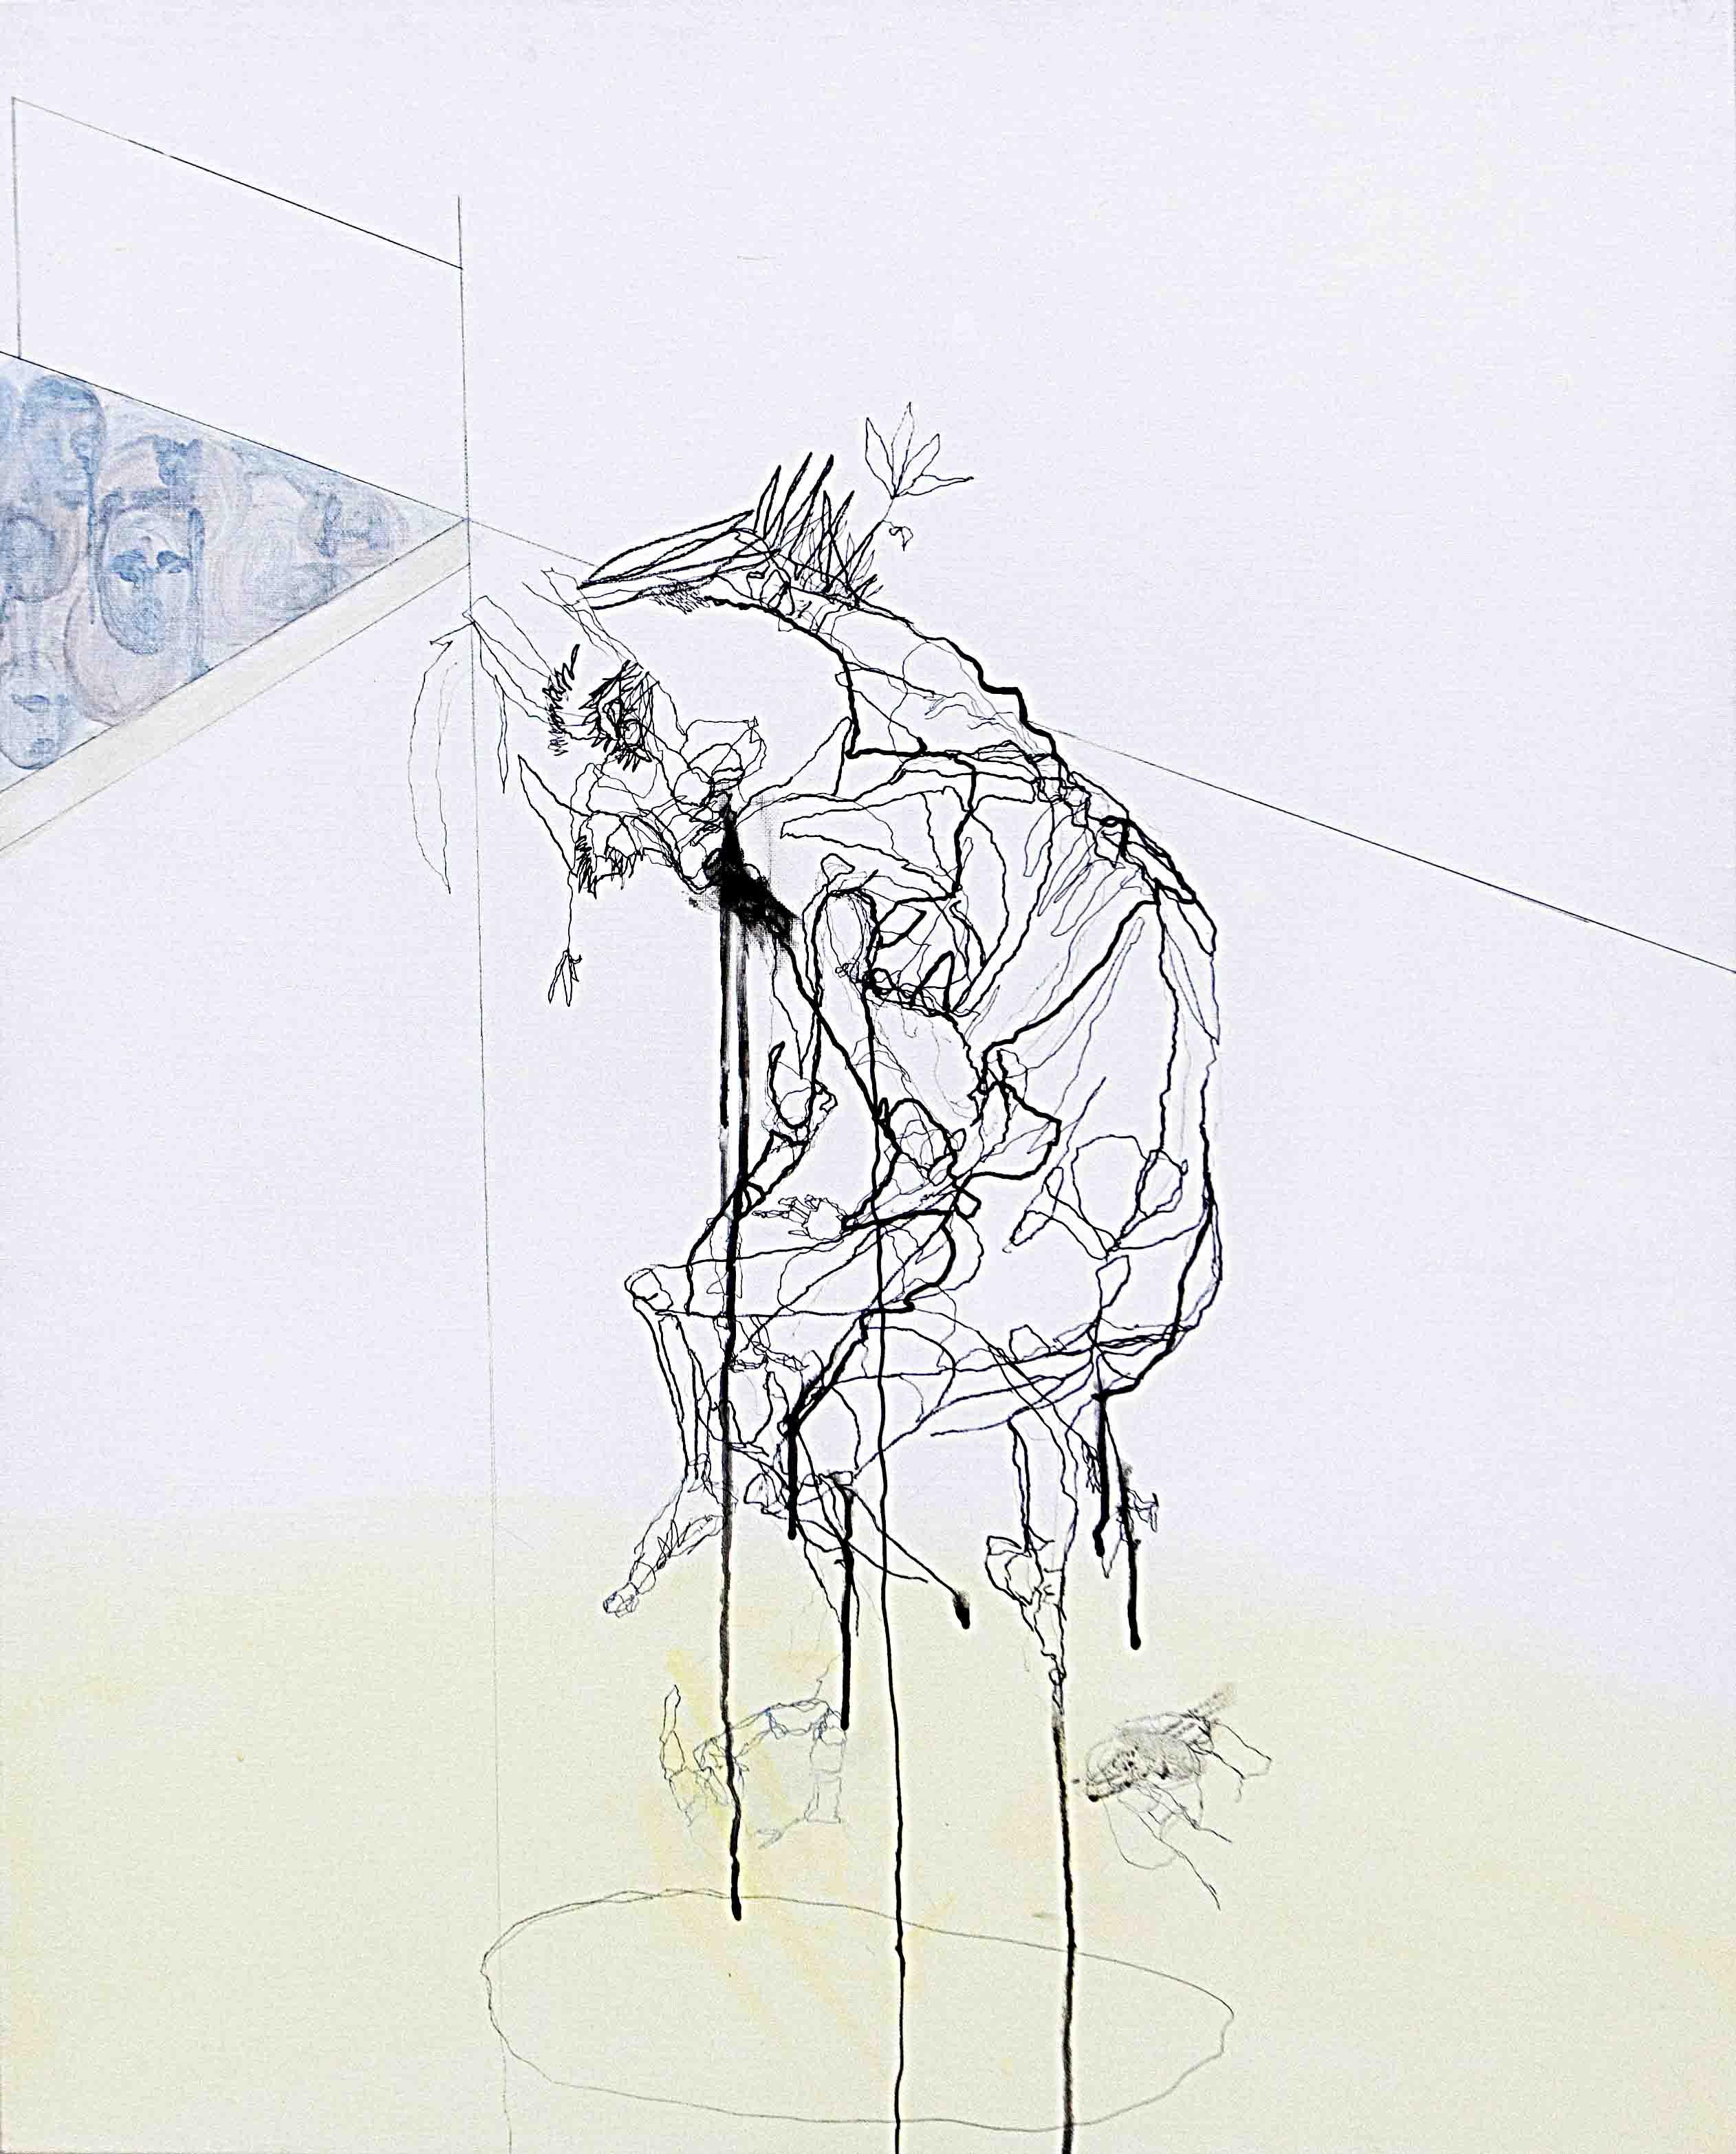 사이공간2, 90.9 x 72.7 cm. pen, acrylic on canvas, 2014